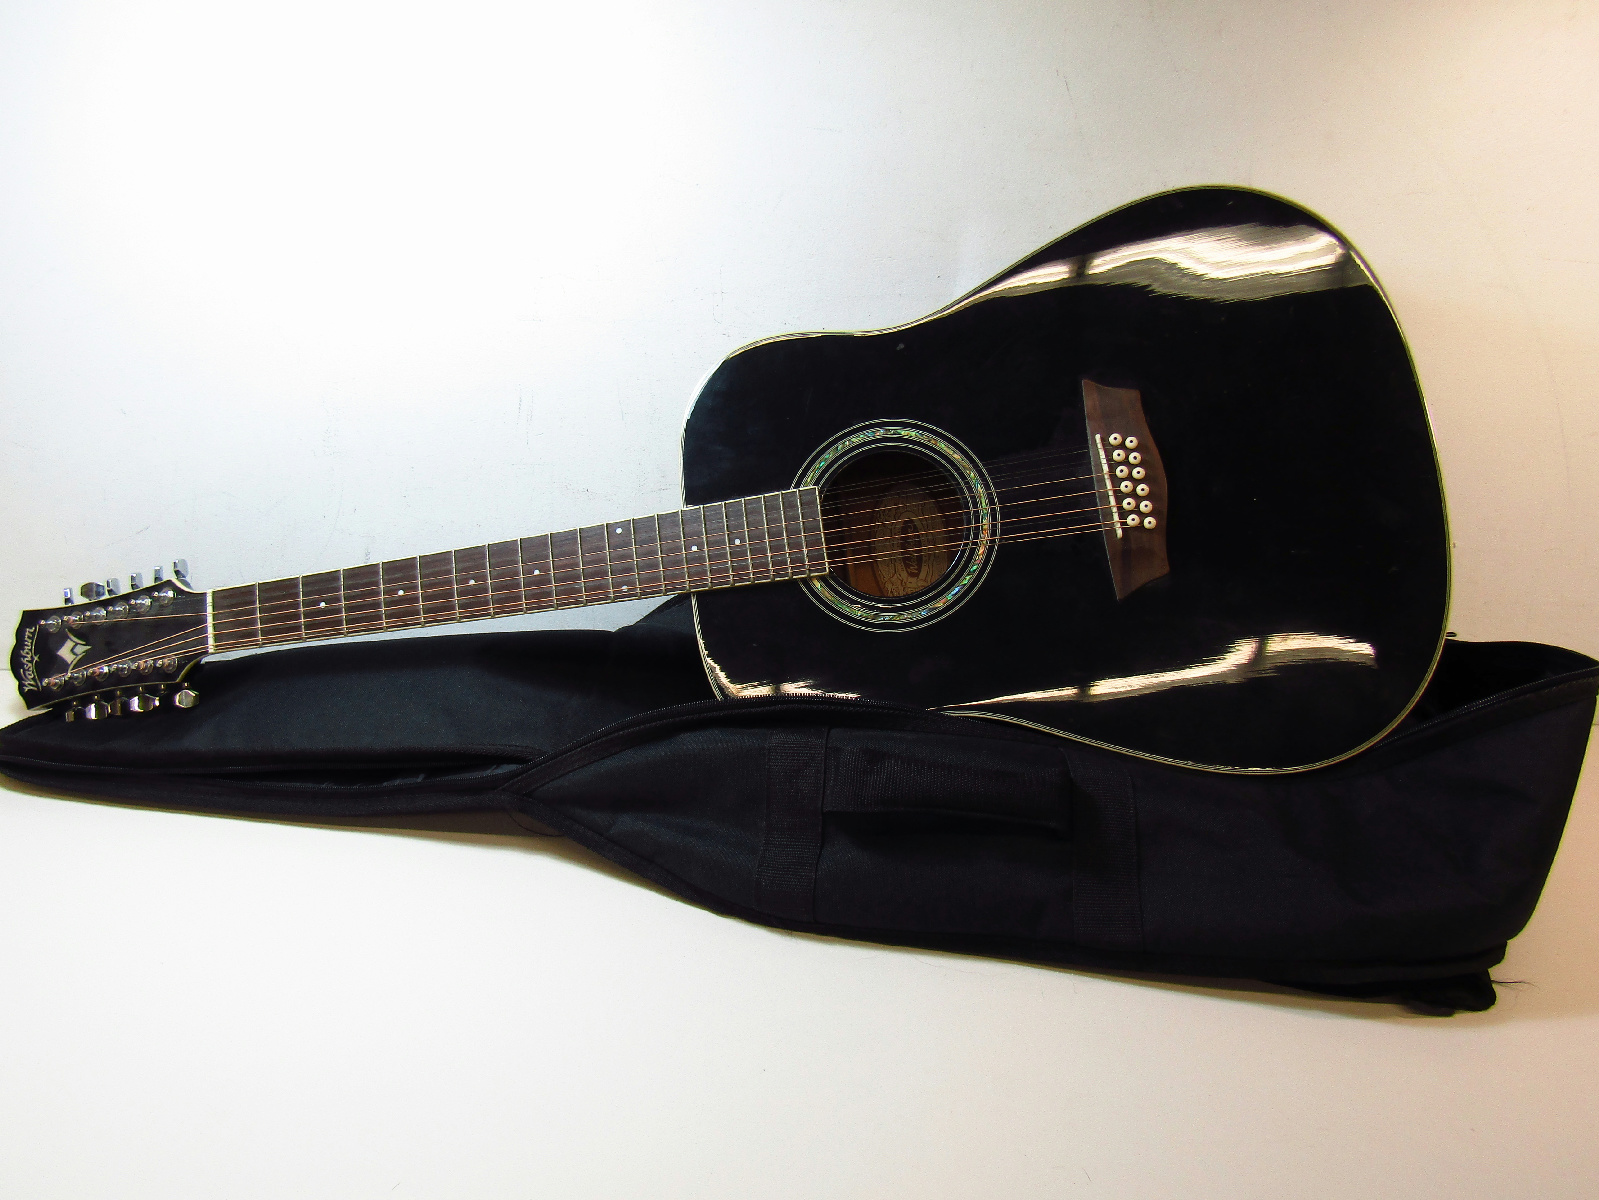 washburn black acoustic 12 string guitar wd5s 12b in soft case. Black Bedroom Furniture Sets. Home Design Ideas